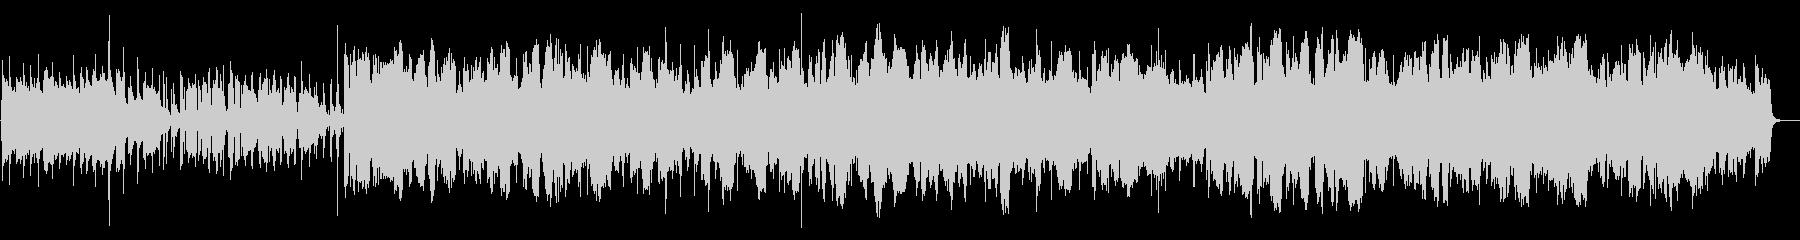 トランペットがメインのオールドジャズの未再生の波形